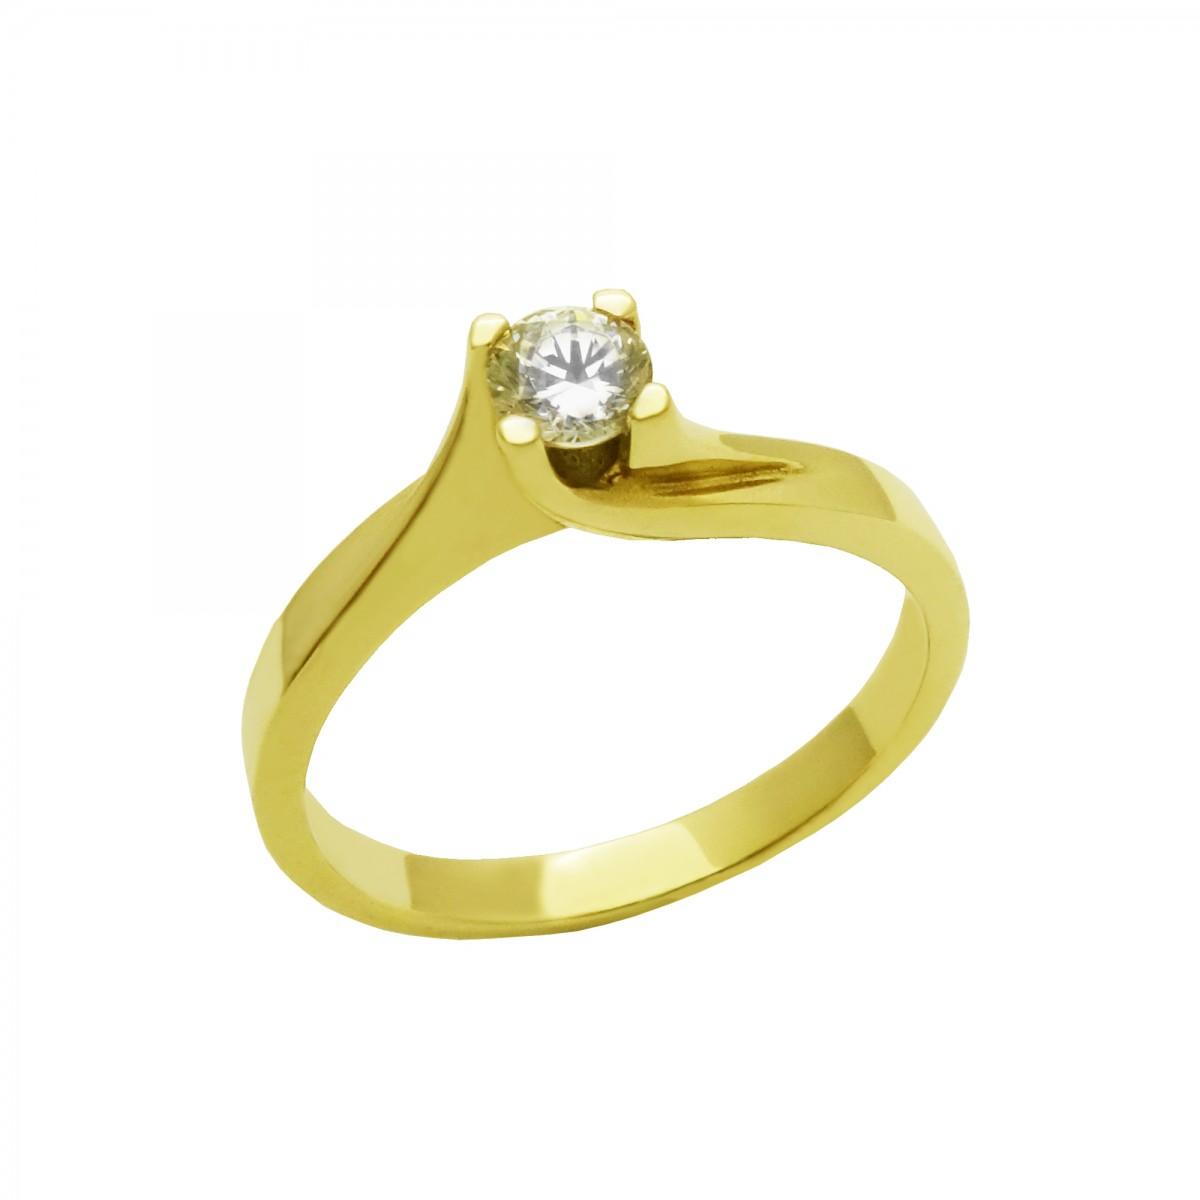 Μονόπετρο δαχτυλίδι χρυσό 14 καράτια με ζιργκόν - 205€ b85b9dbd684